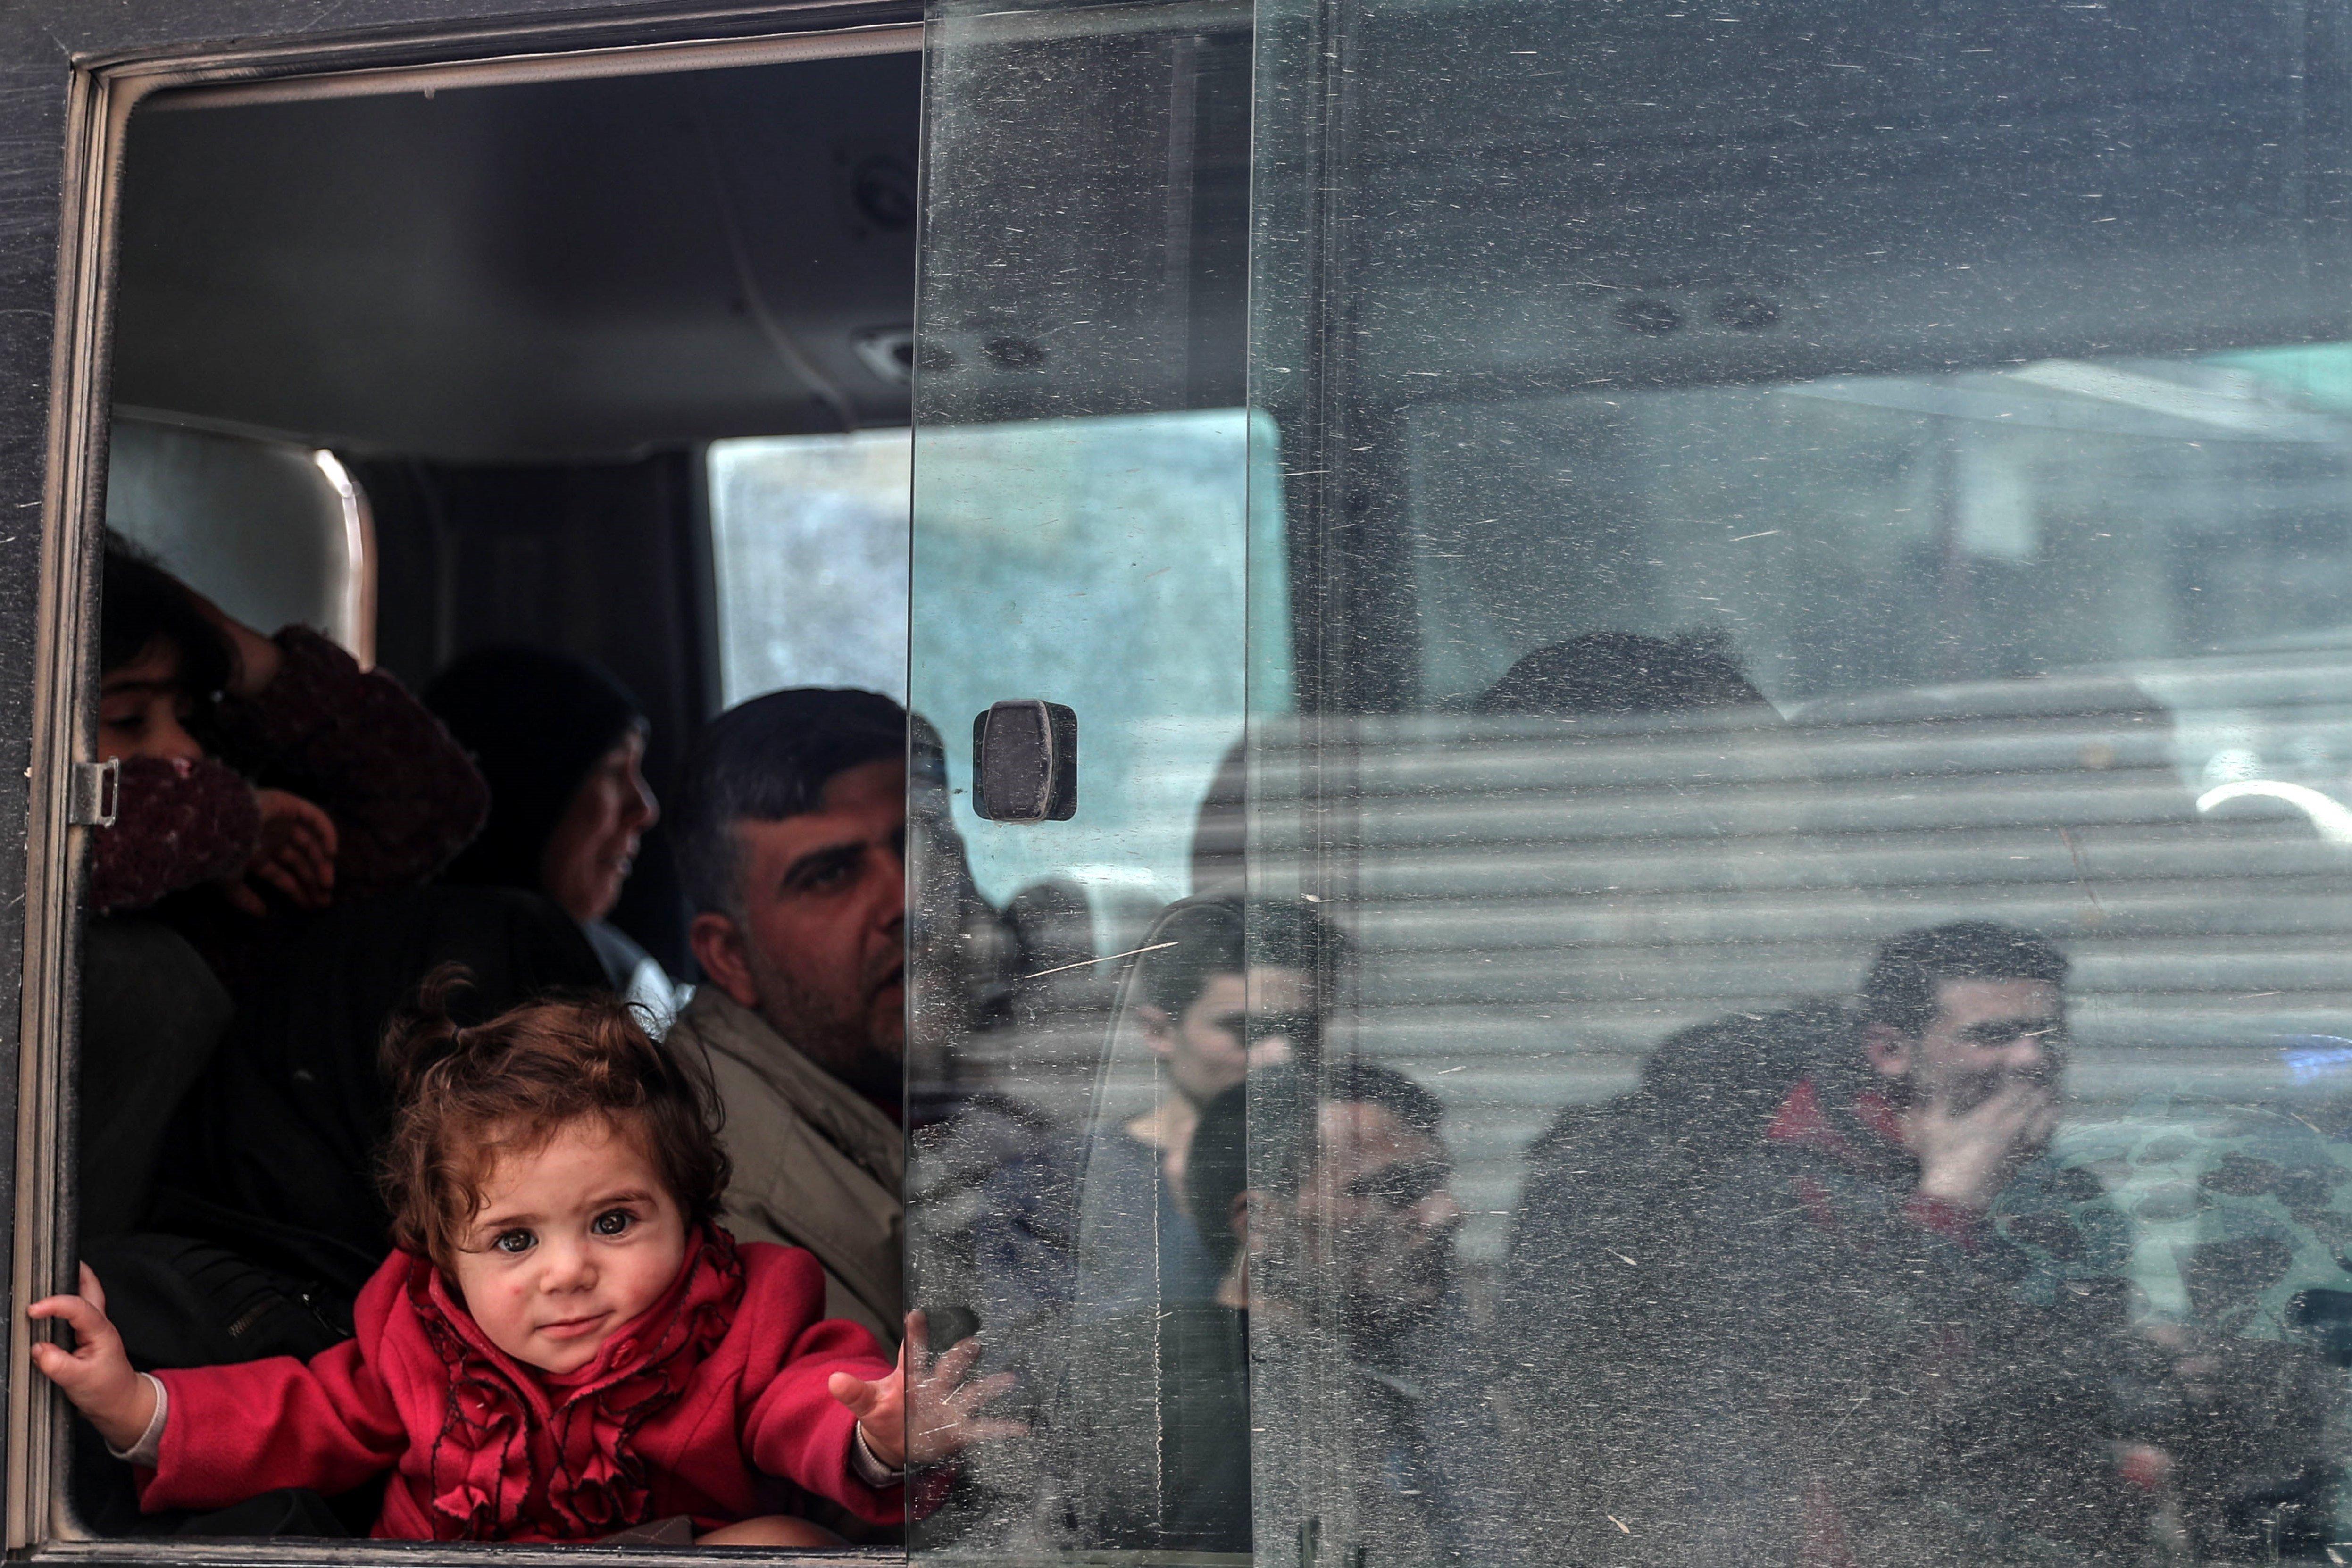 Una nina observa al fotògraf des d'un autobús durant el segon dia de l'evacuació de Duma (Síria). /MOHAMMED BADRA